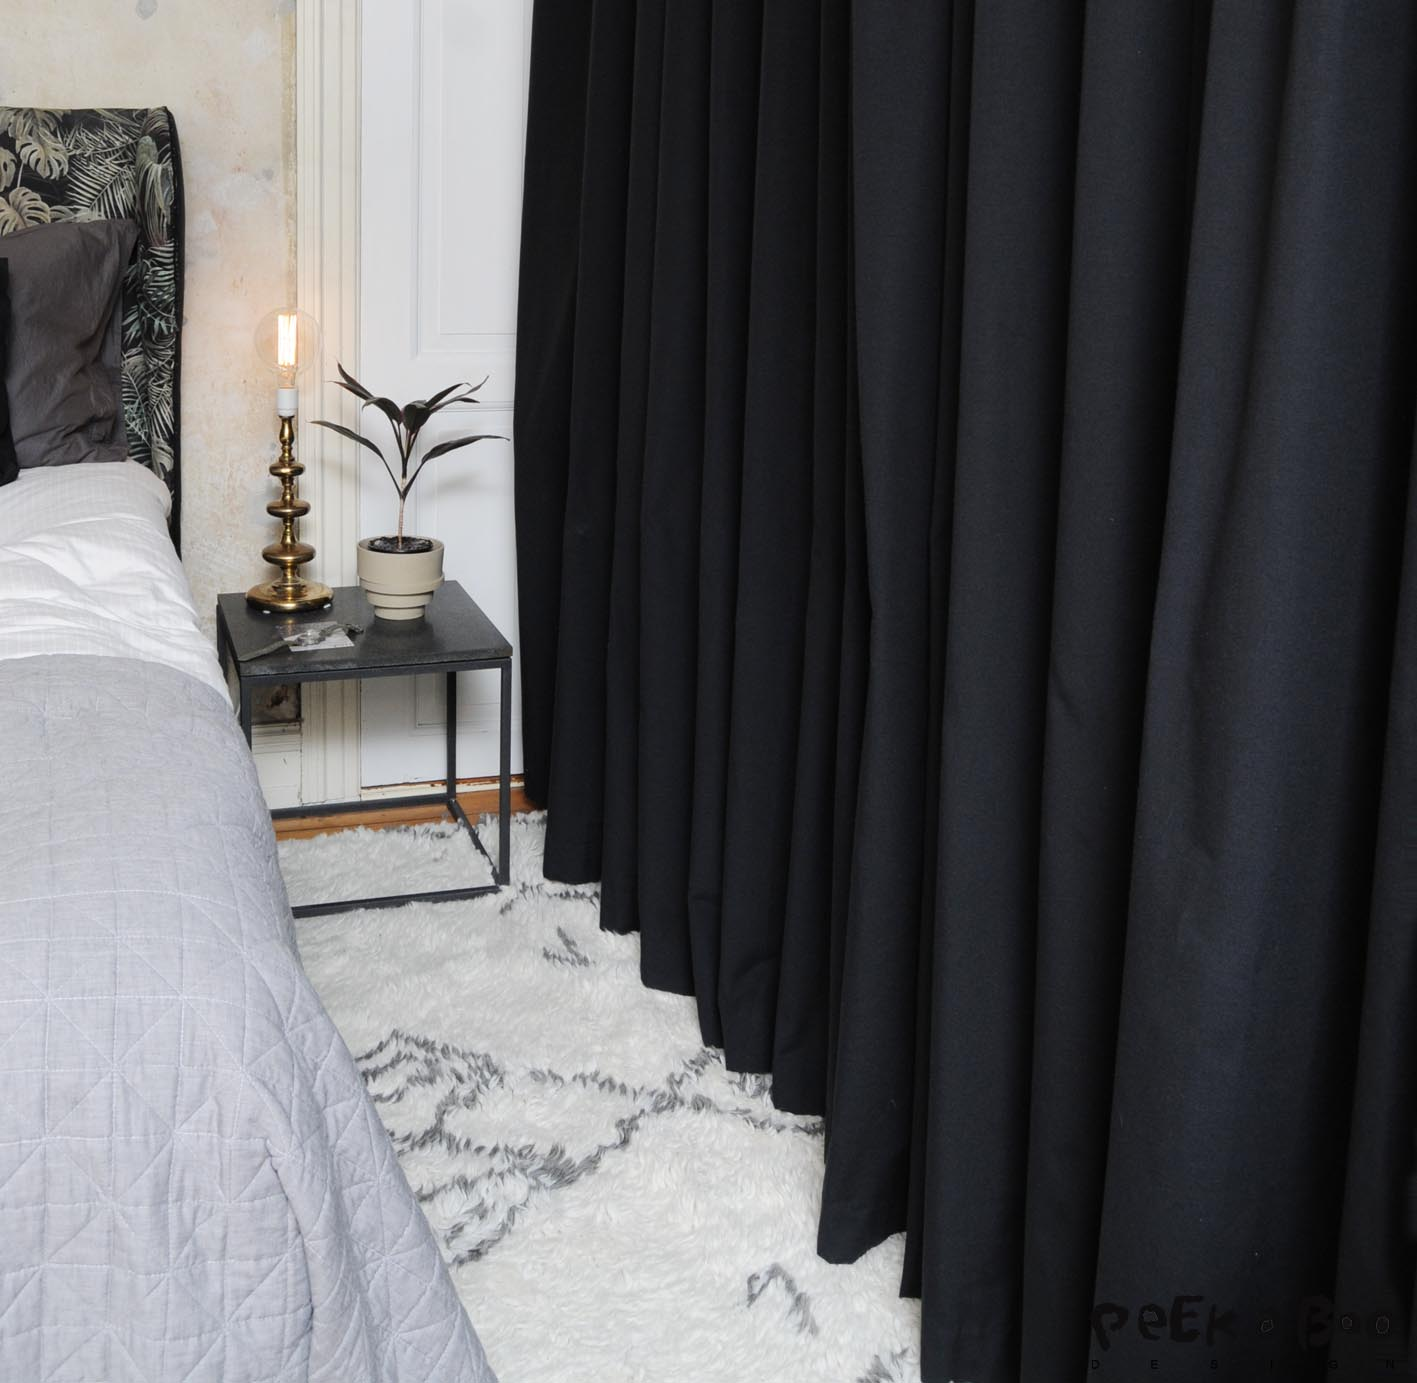 The new SIVANA carpet fra Garant designed by Emil Thorup.